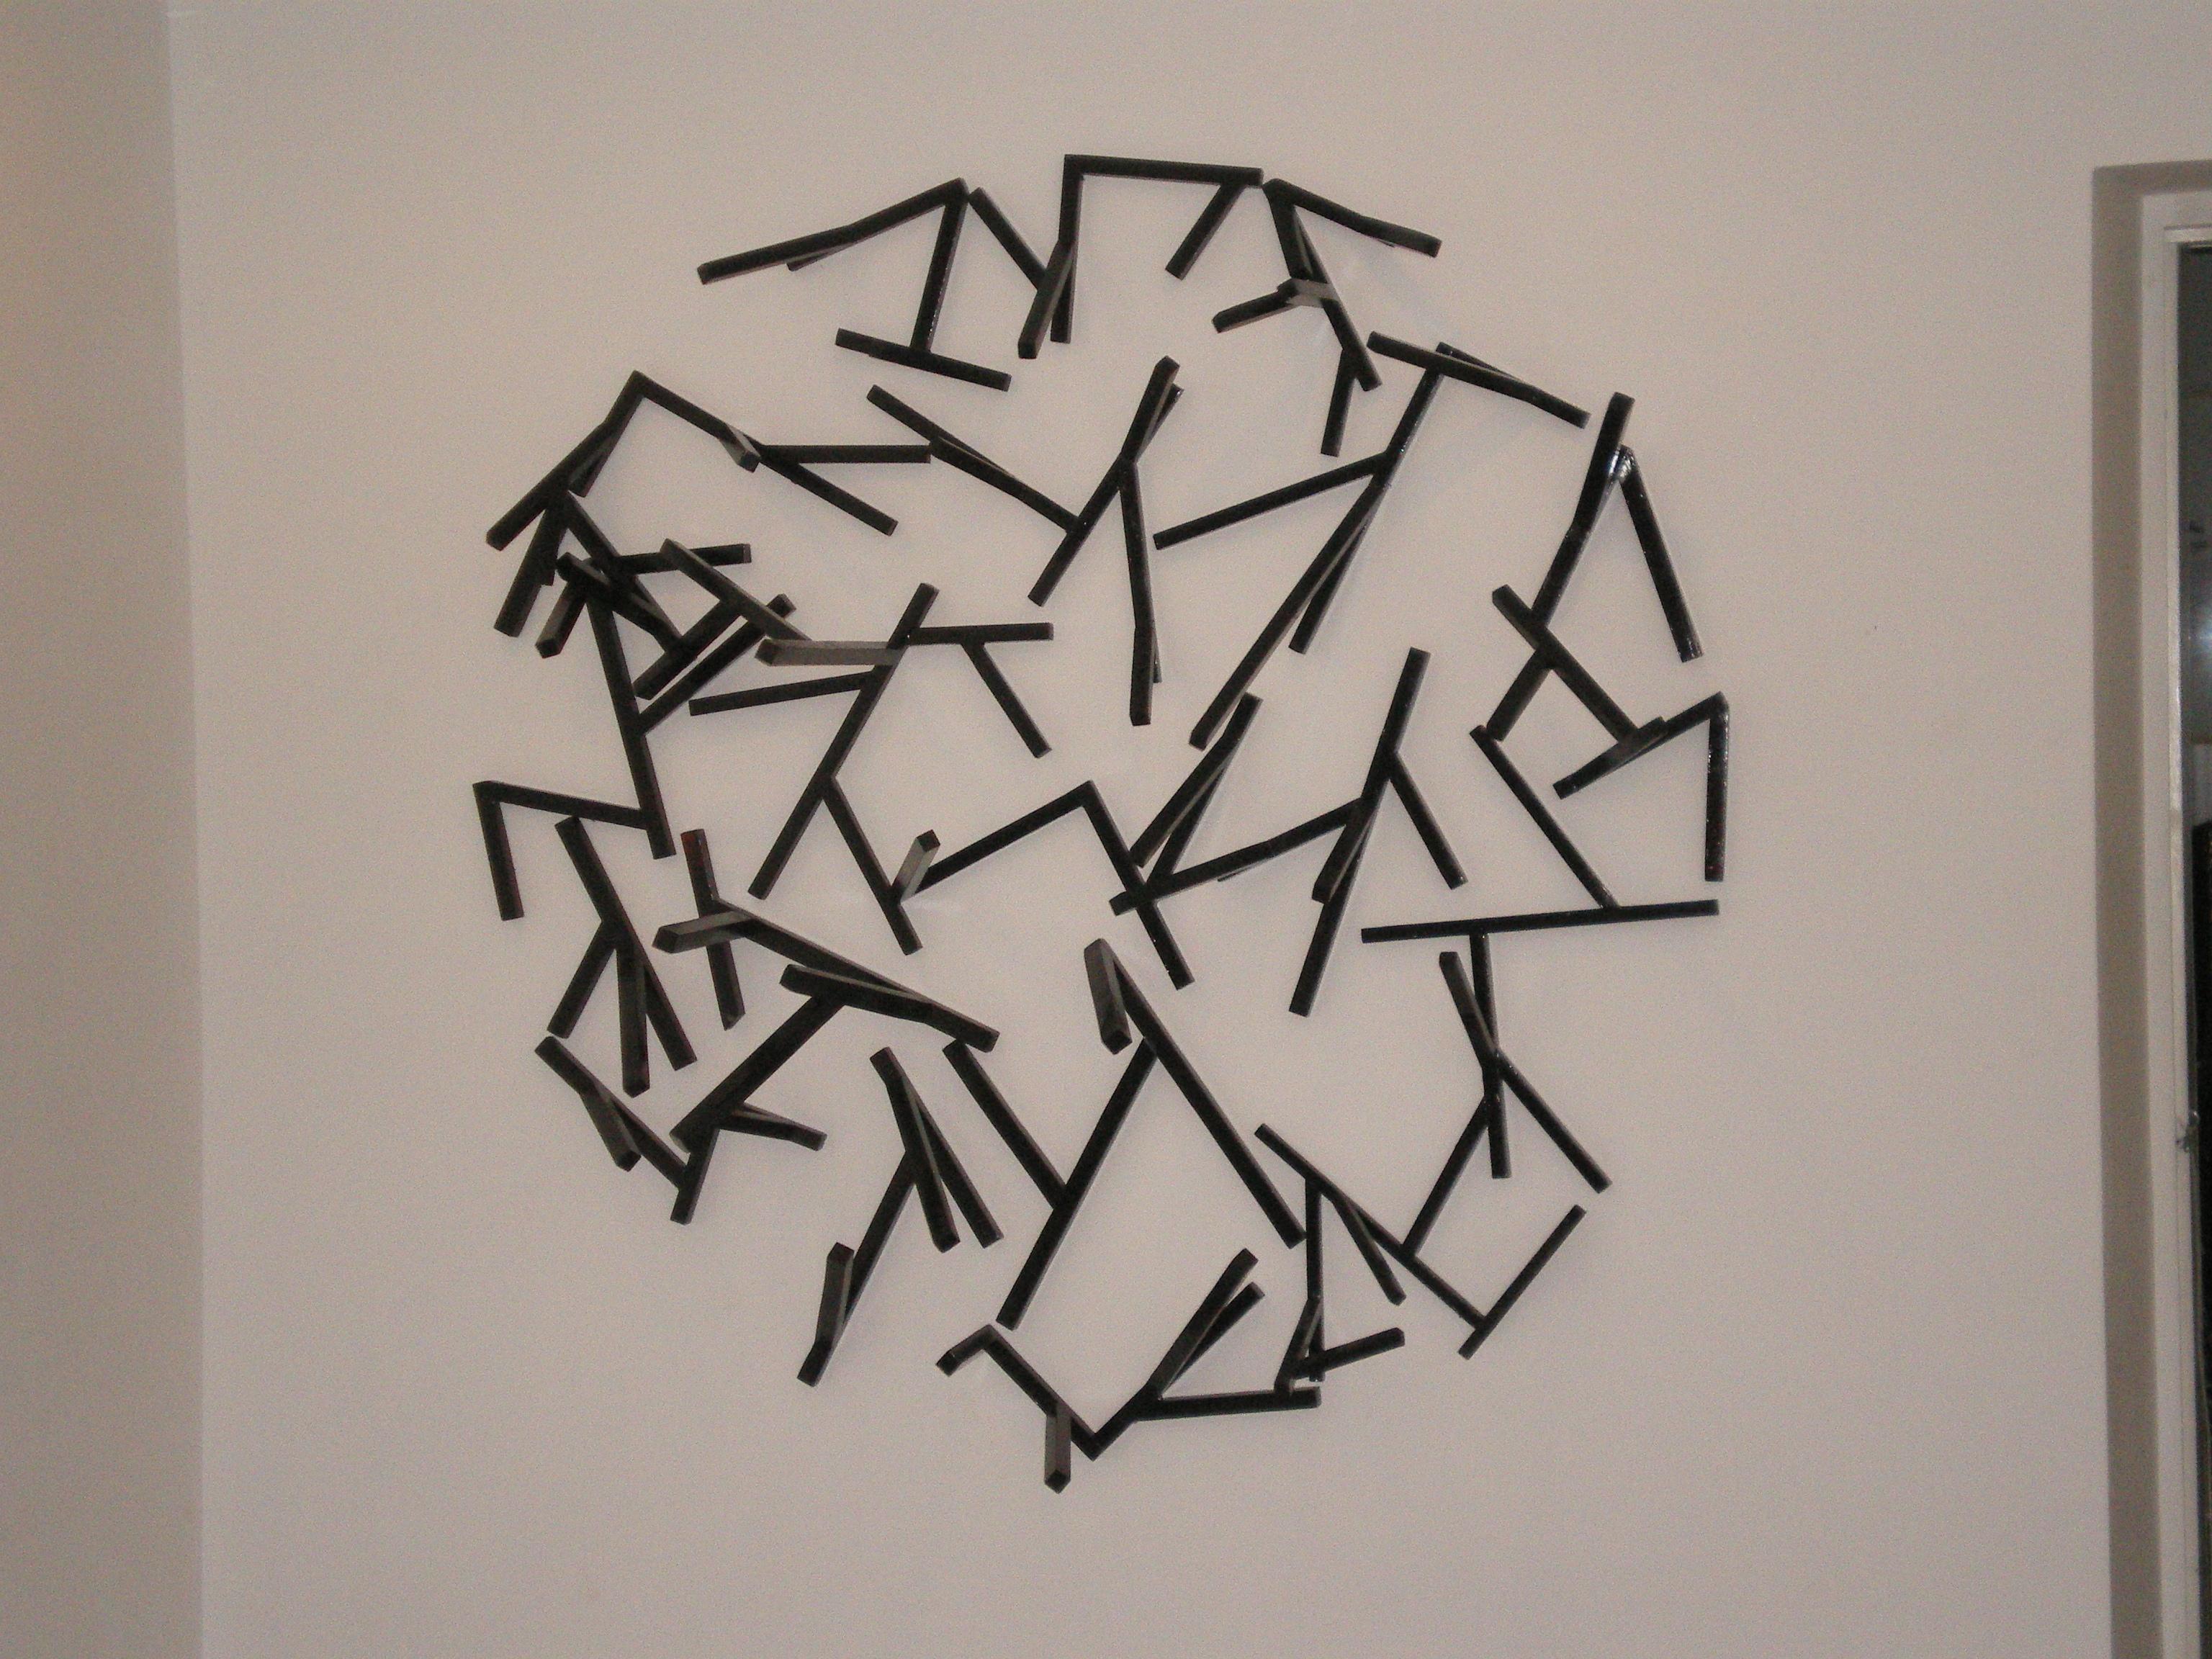 Pièces montrées – Granville Galerie, Granville, 2010